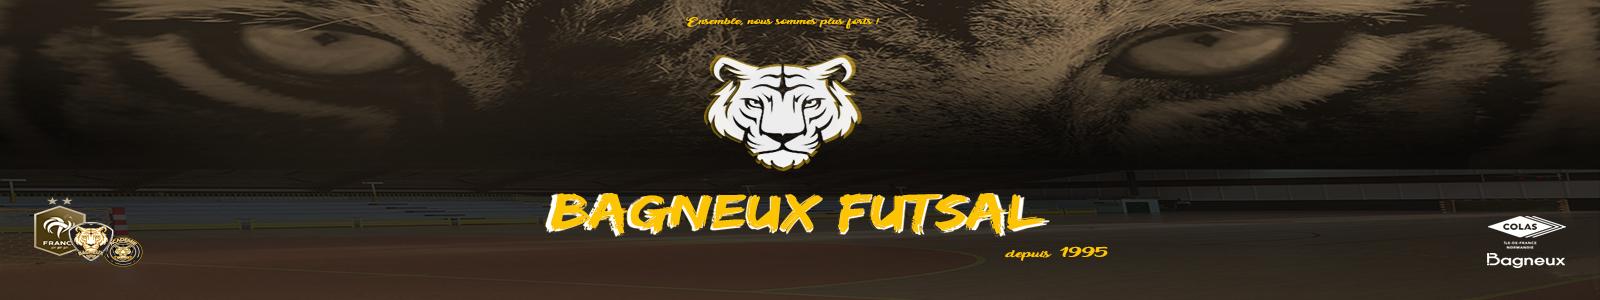 BAGNEUX FUTSAL : site officiel du club de foot de BAGNEUX - footeo